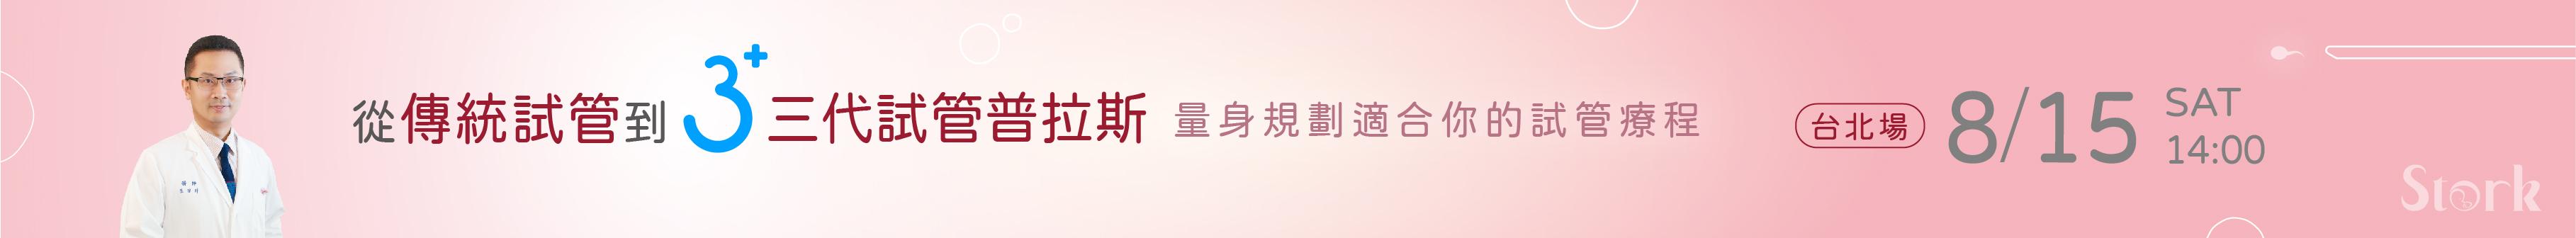 8/15 從傳統試管到三代試管普拉斯講座,開放報名中